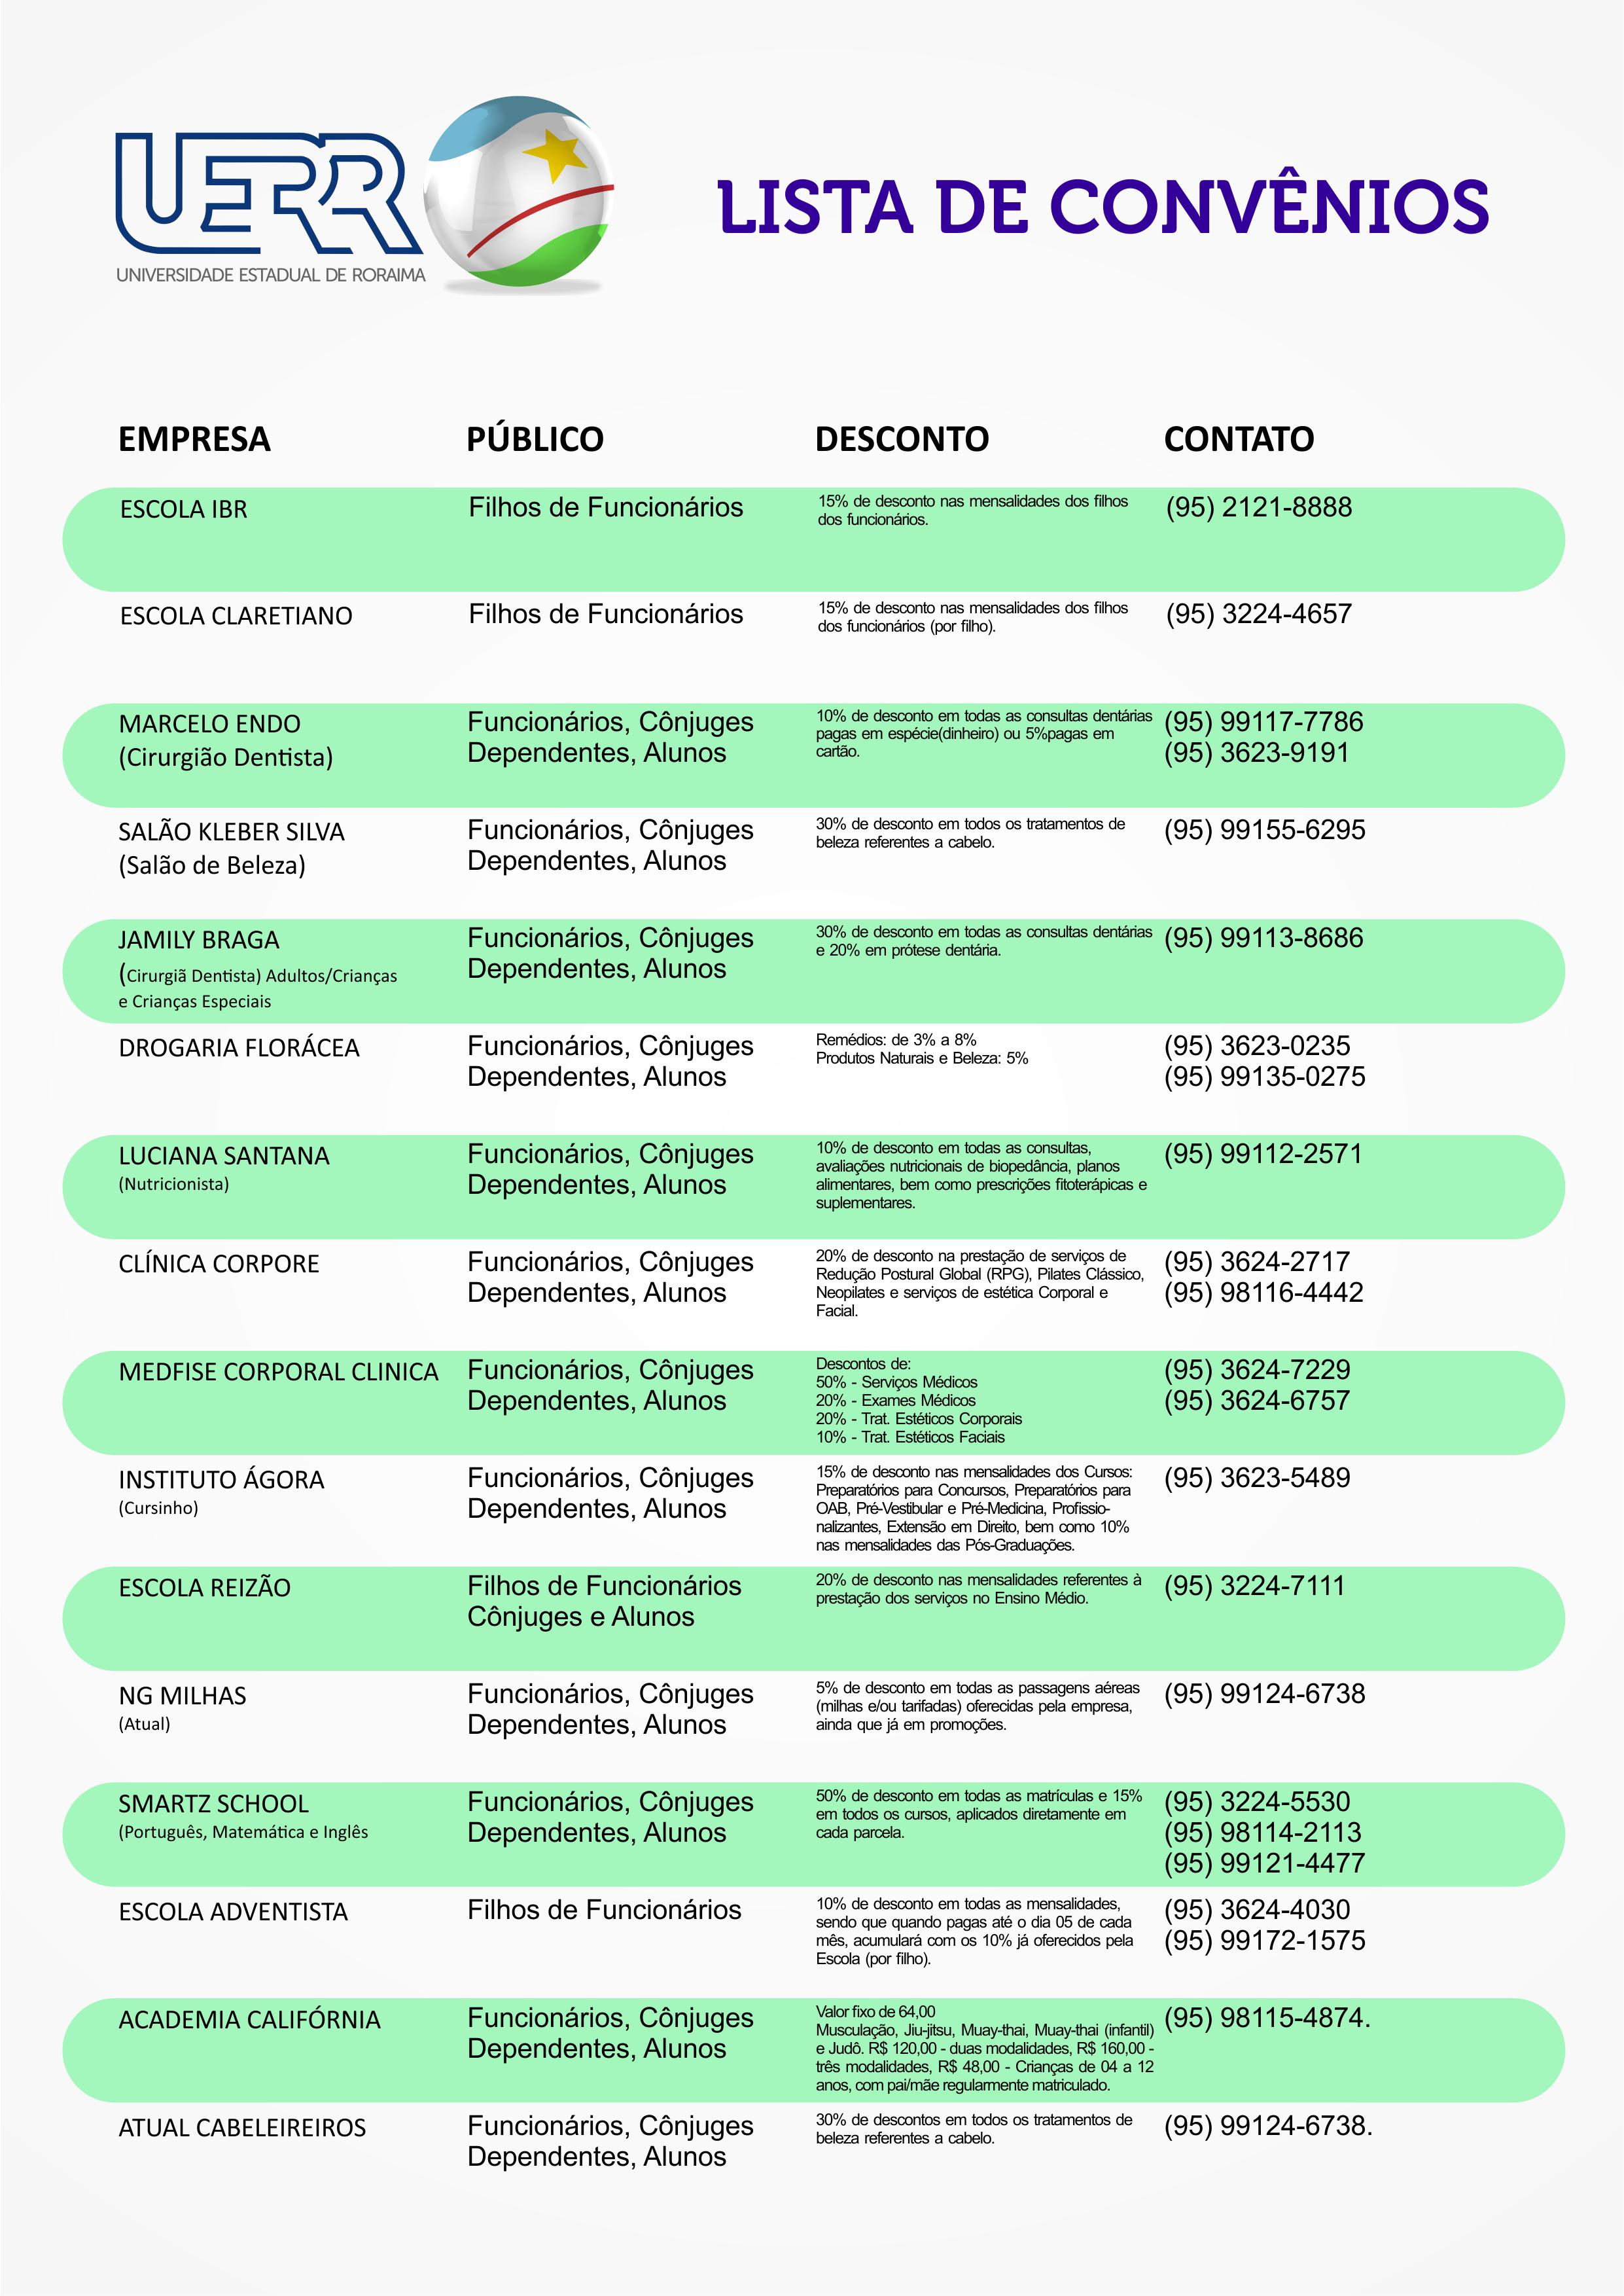 Lista de Convênios UERR